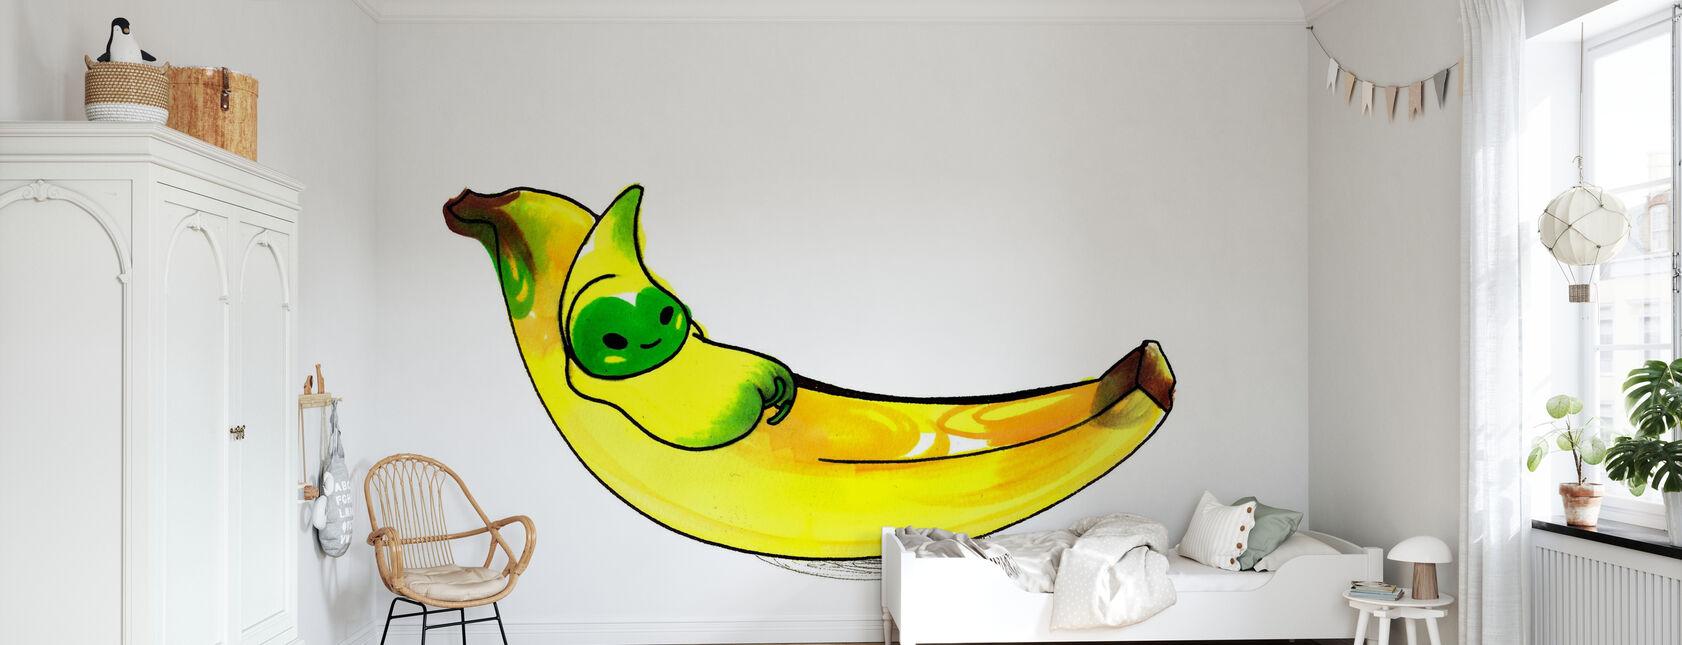 Banane - Tapete - Kinderzimmer